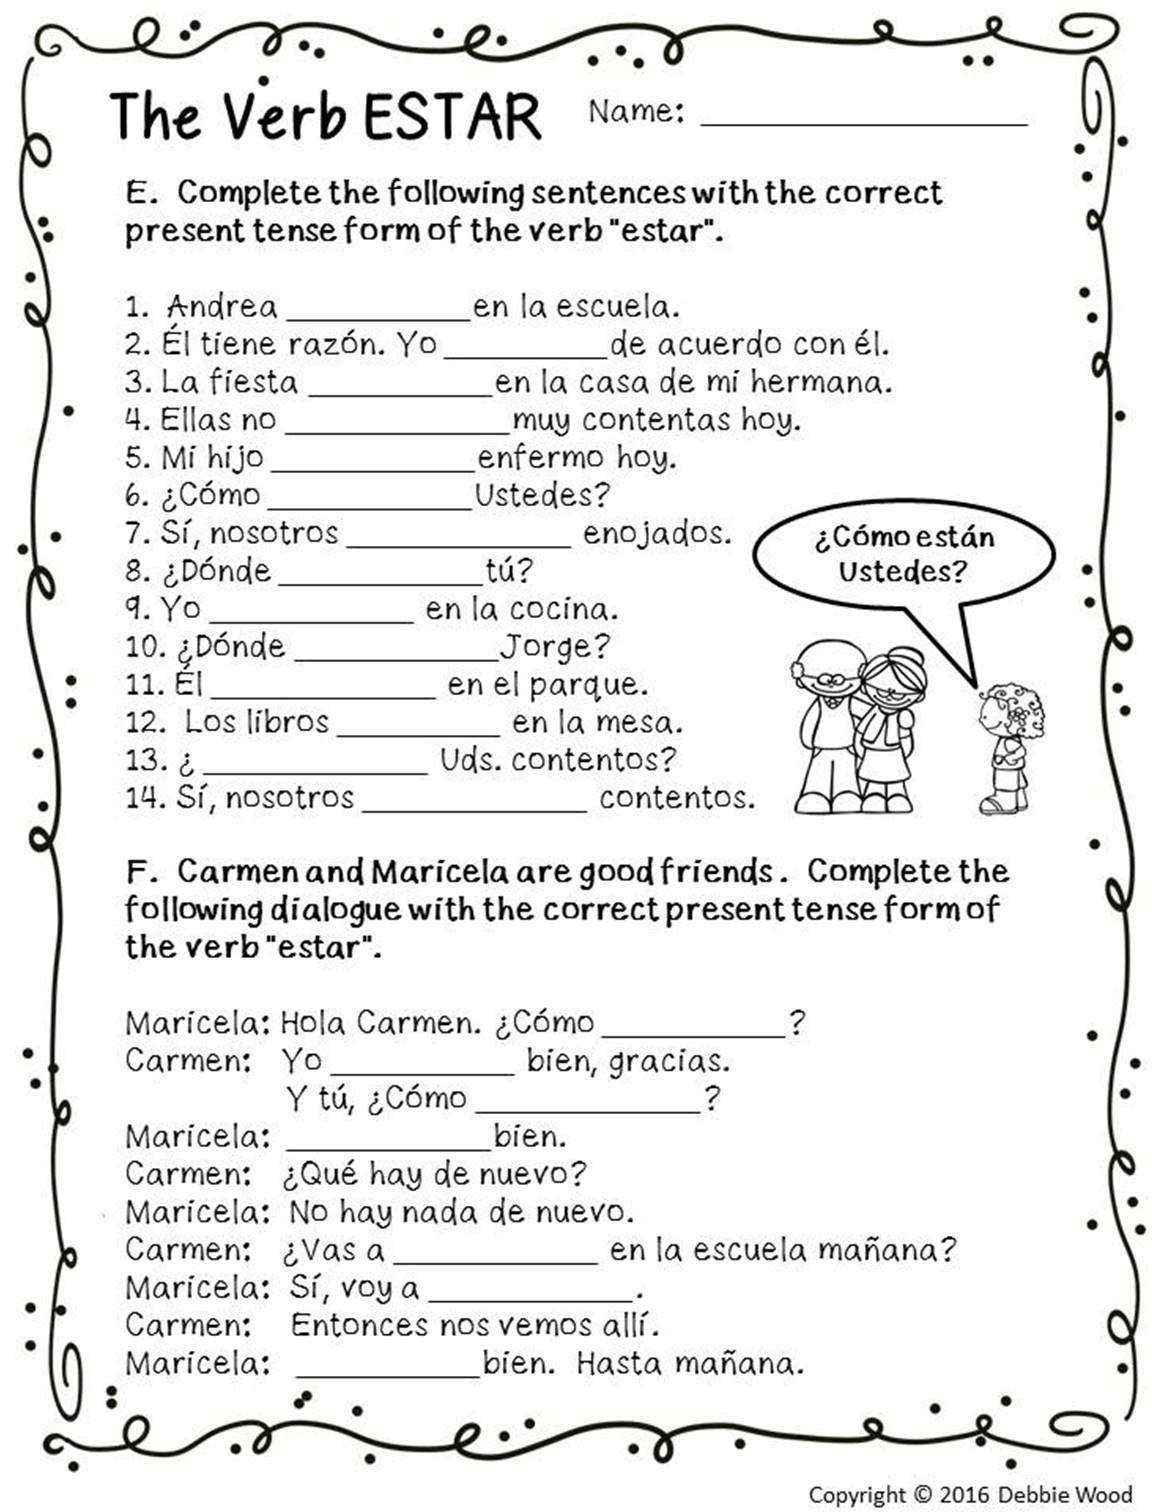 Spanish Verb Conjugation Worksheets Printable Spanish